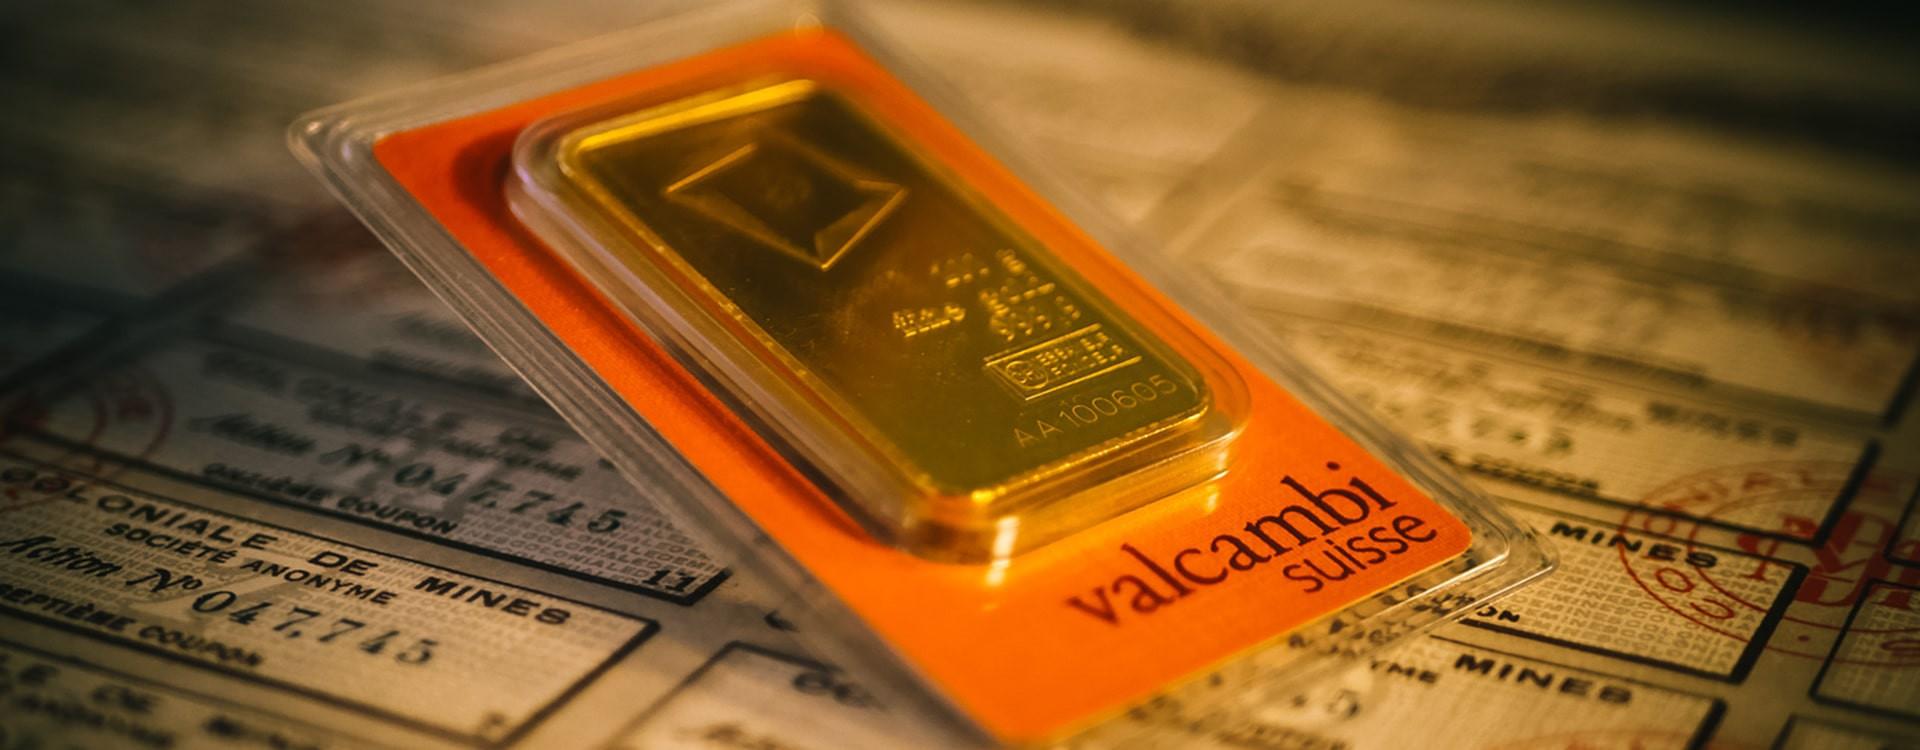 Avez-vous déjà entendu parler du Peak Gold ?